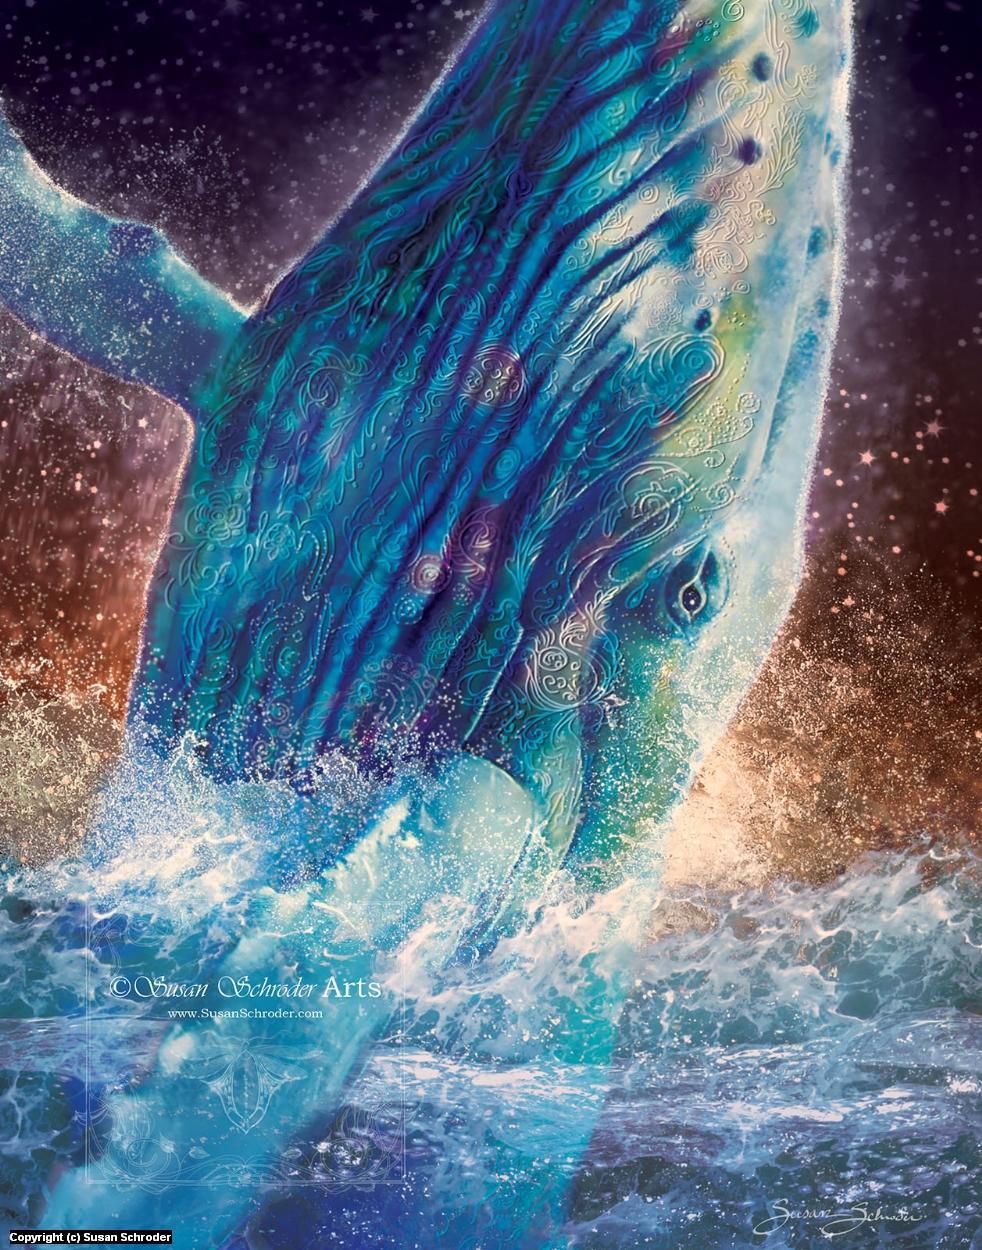 Mystic Whale Artwork by Susan Schroder